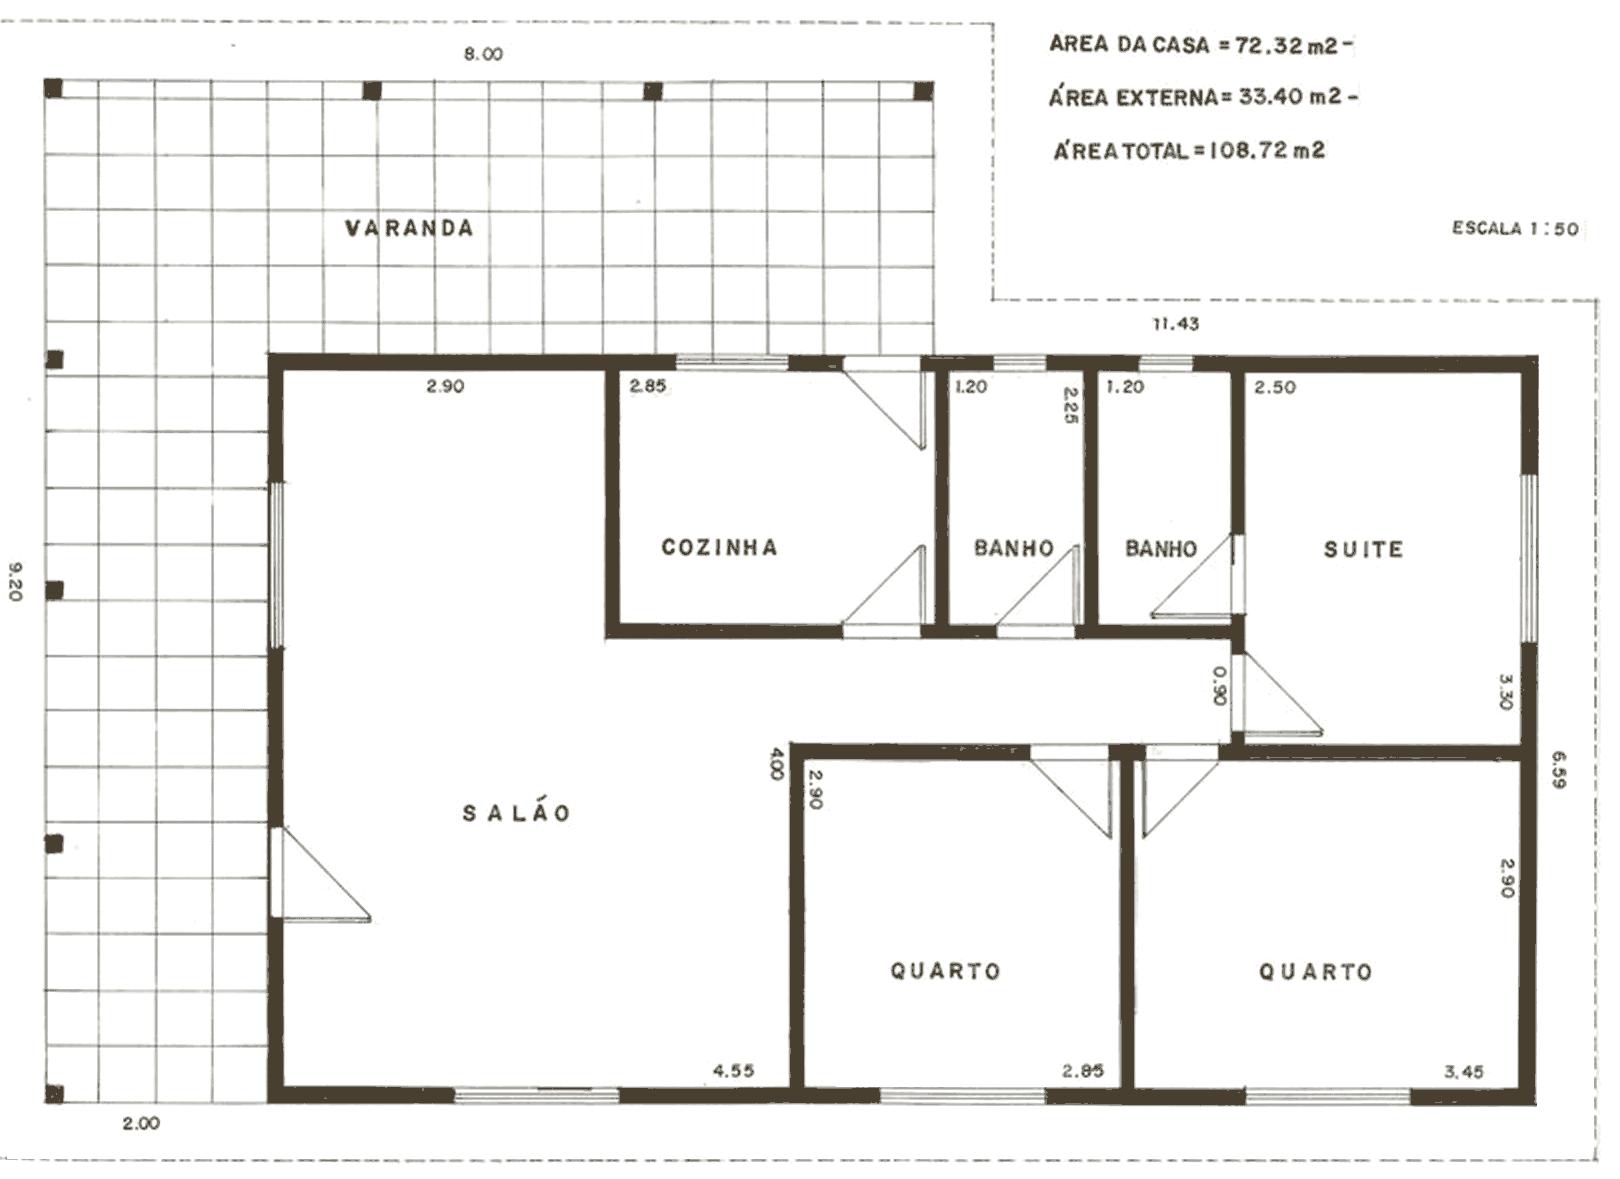 Plantas de casas com 3 quartos 1 pa vii pinterest - Modelos de casas de planta baja ...